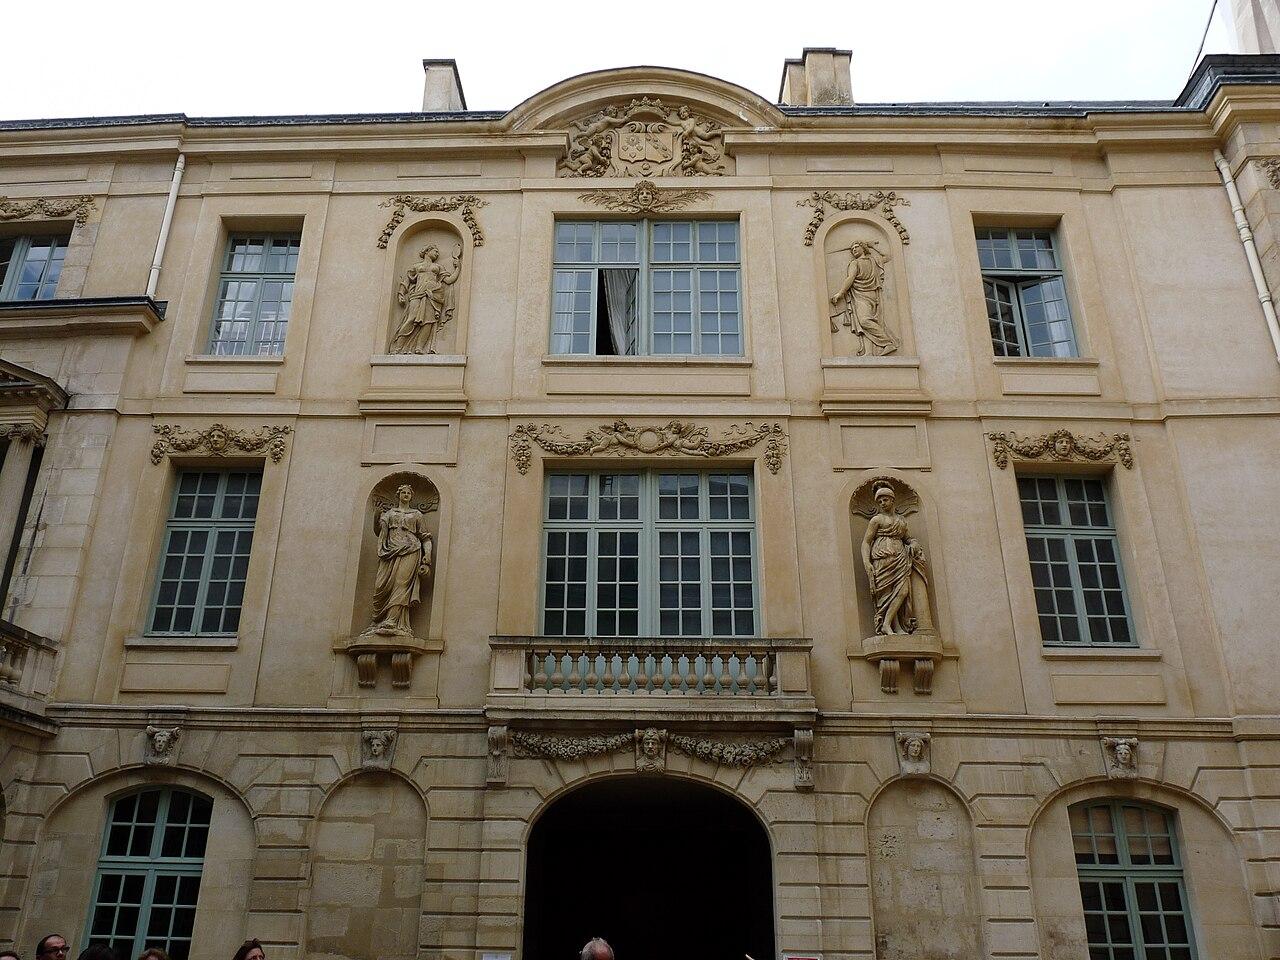 Hotel Amelot Paris